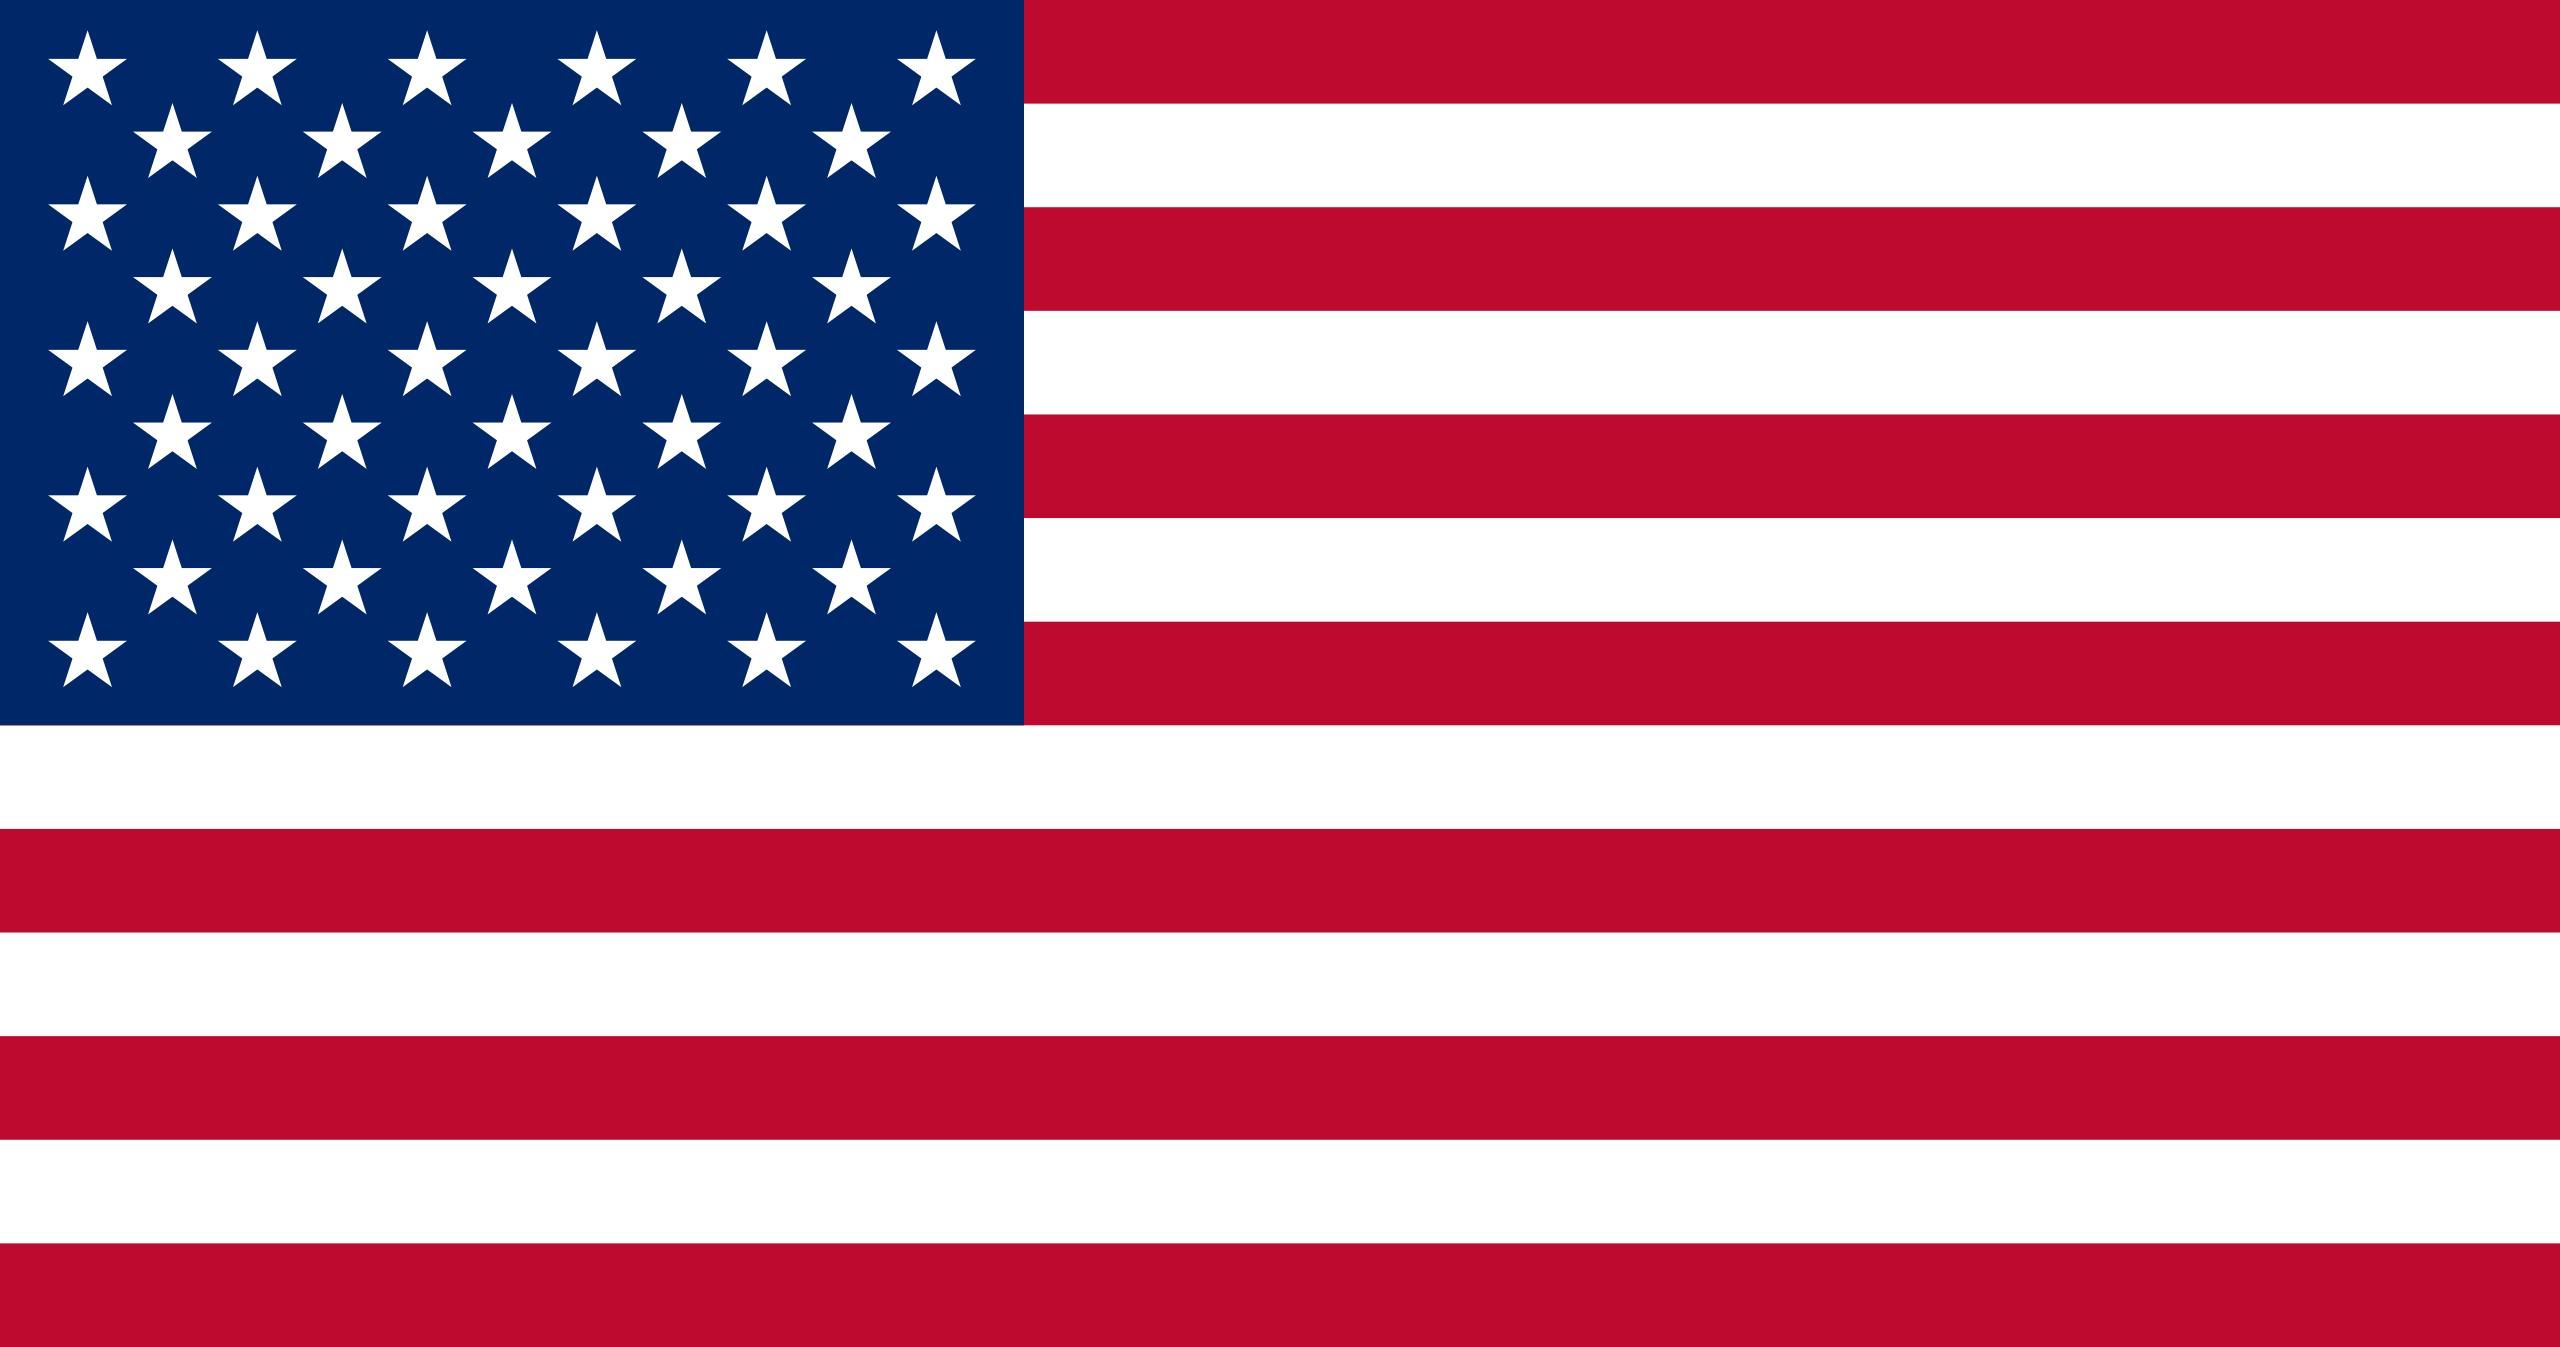 USA, Land, Emblem, Logo, Symbol - Wallpaper HD - Prof.-falken.com